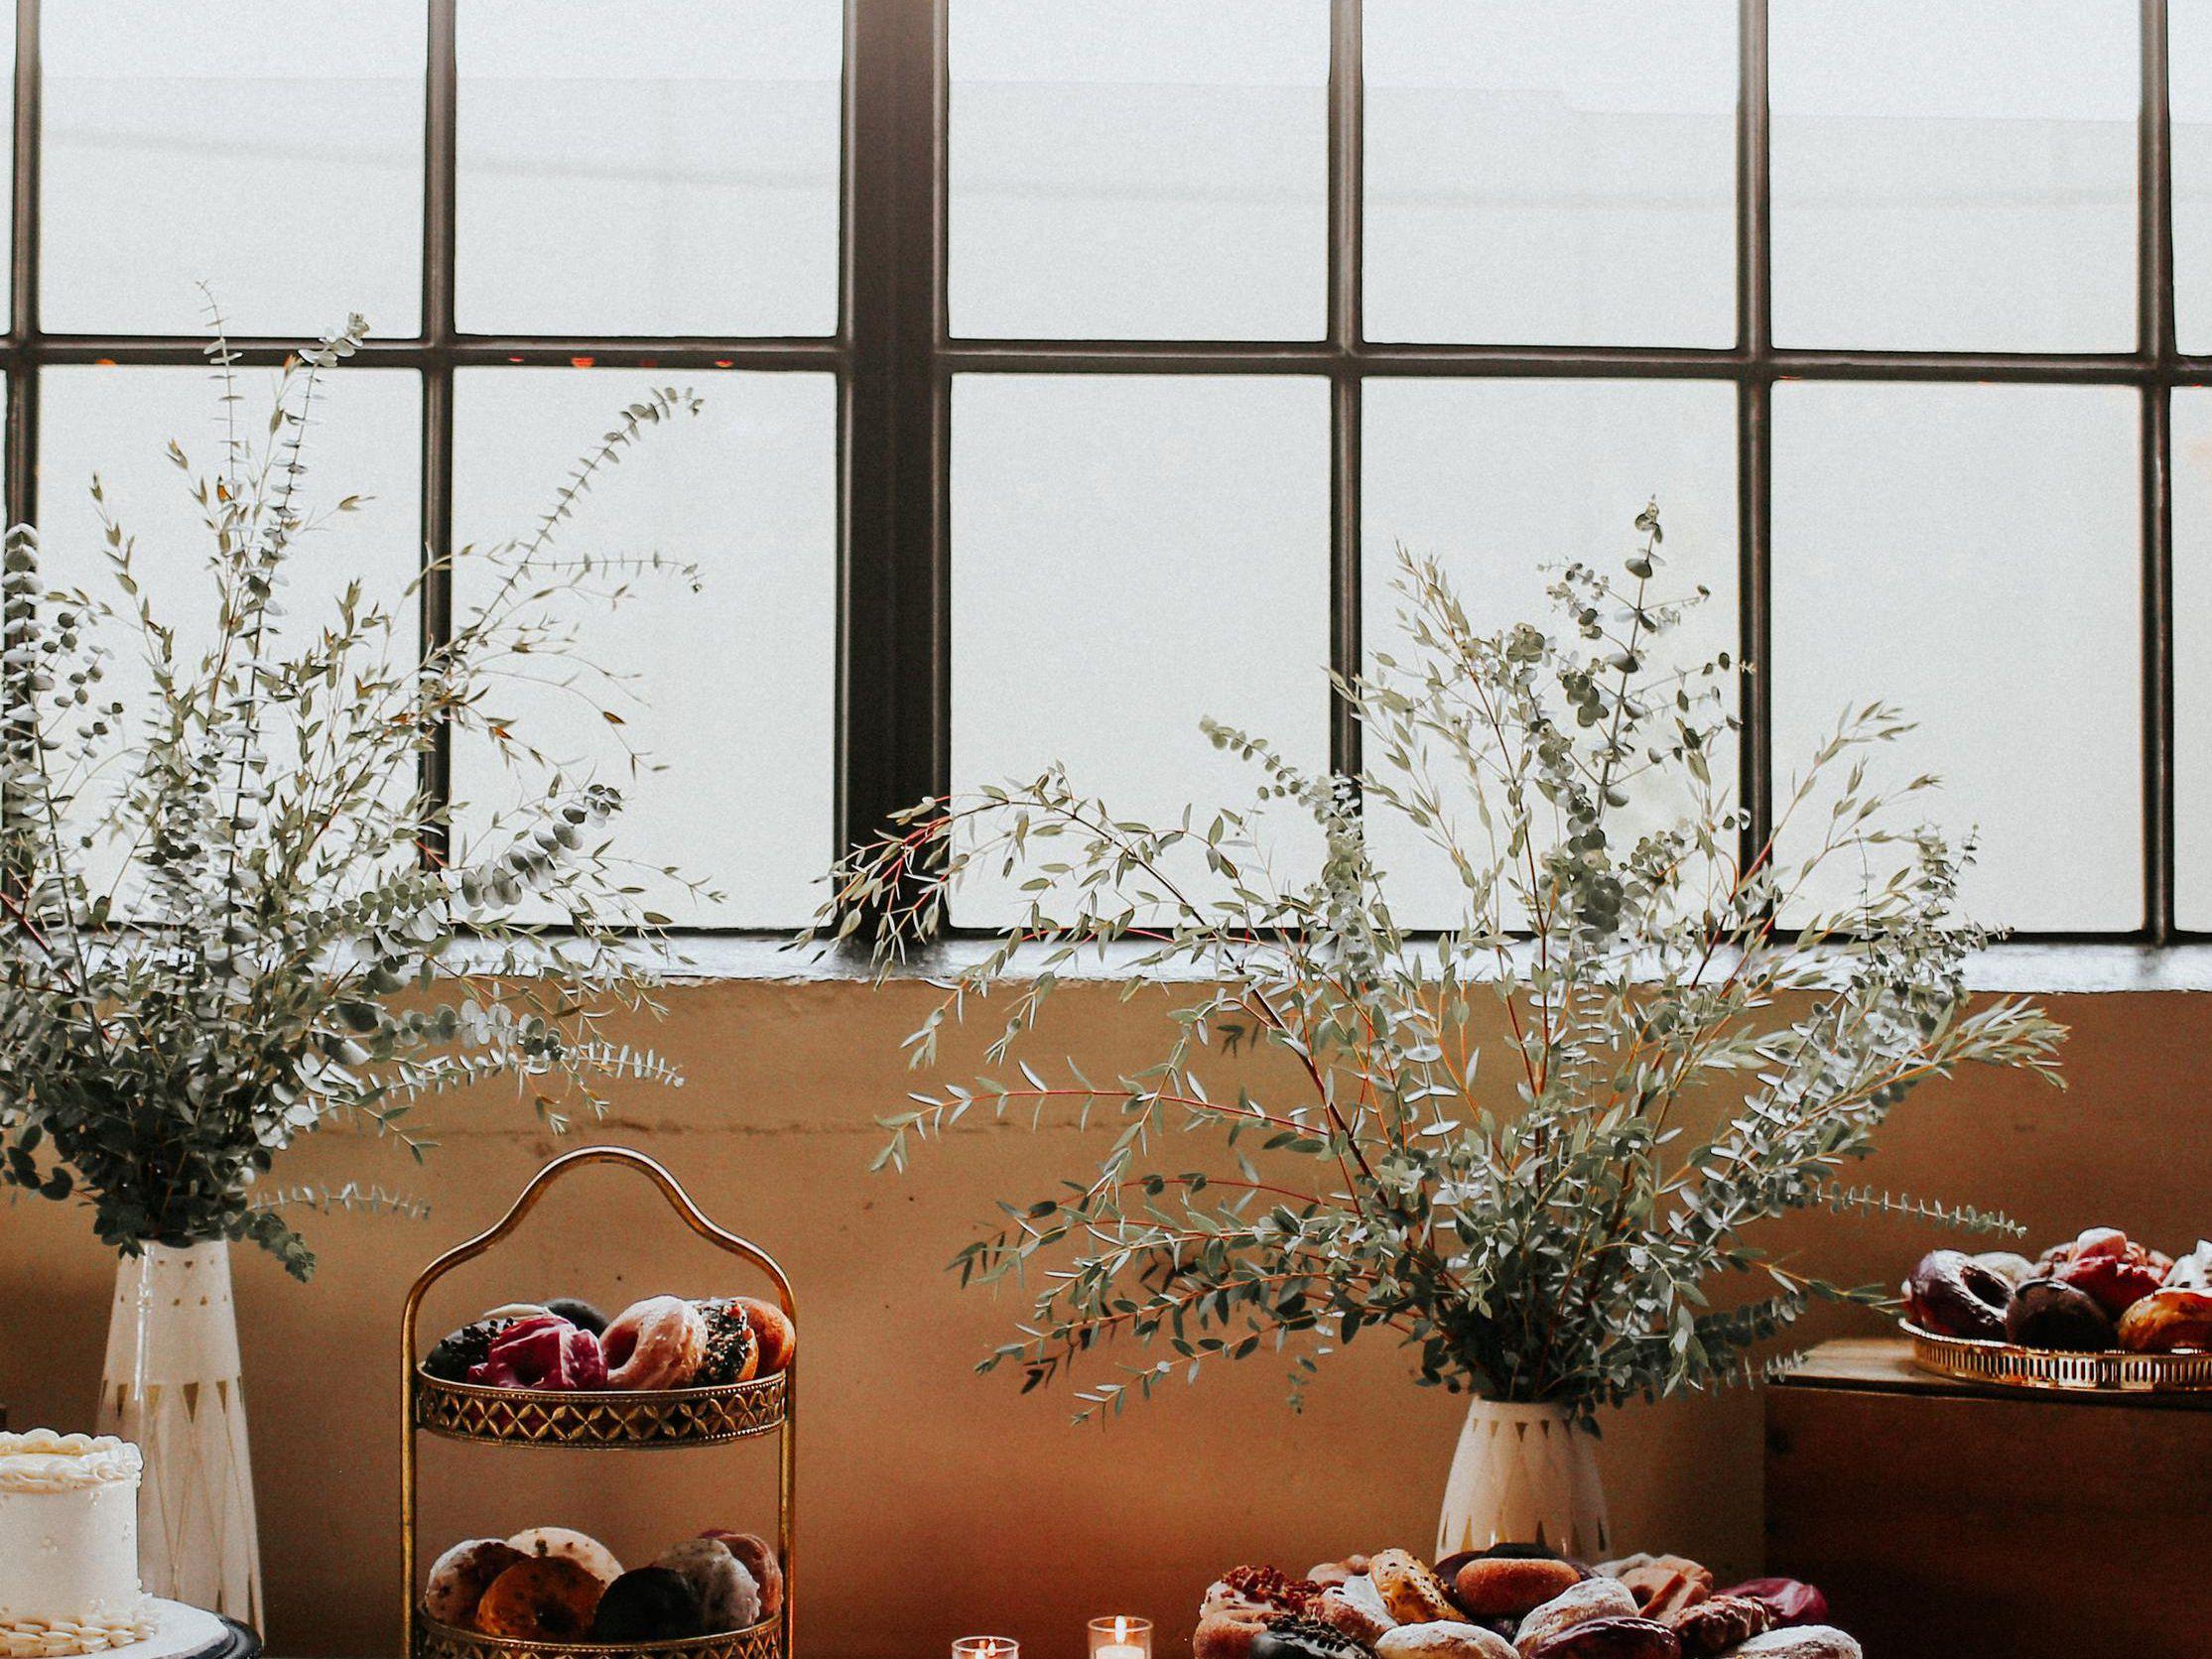 Dessert Table Ideas 40 Unique Wedding Dessert Table Setups